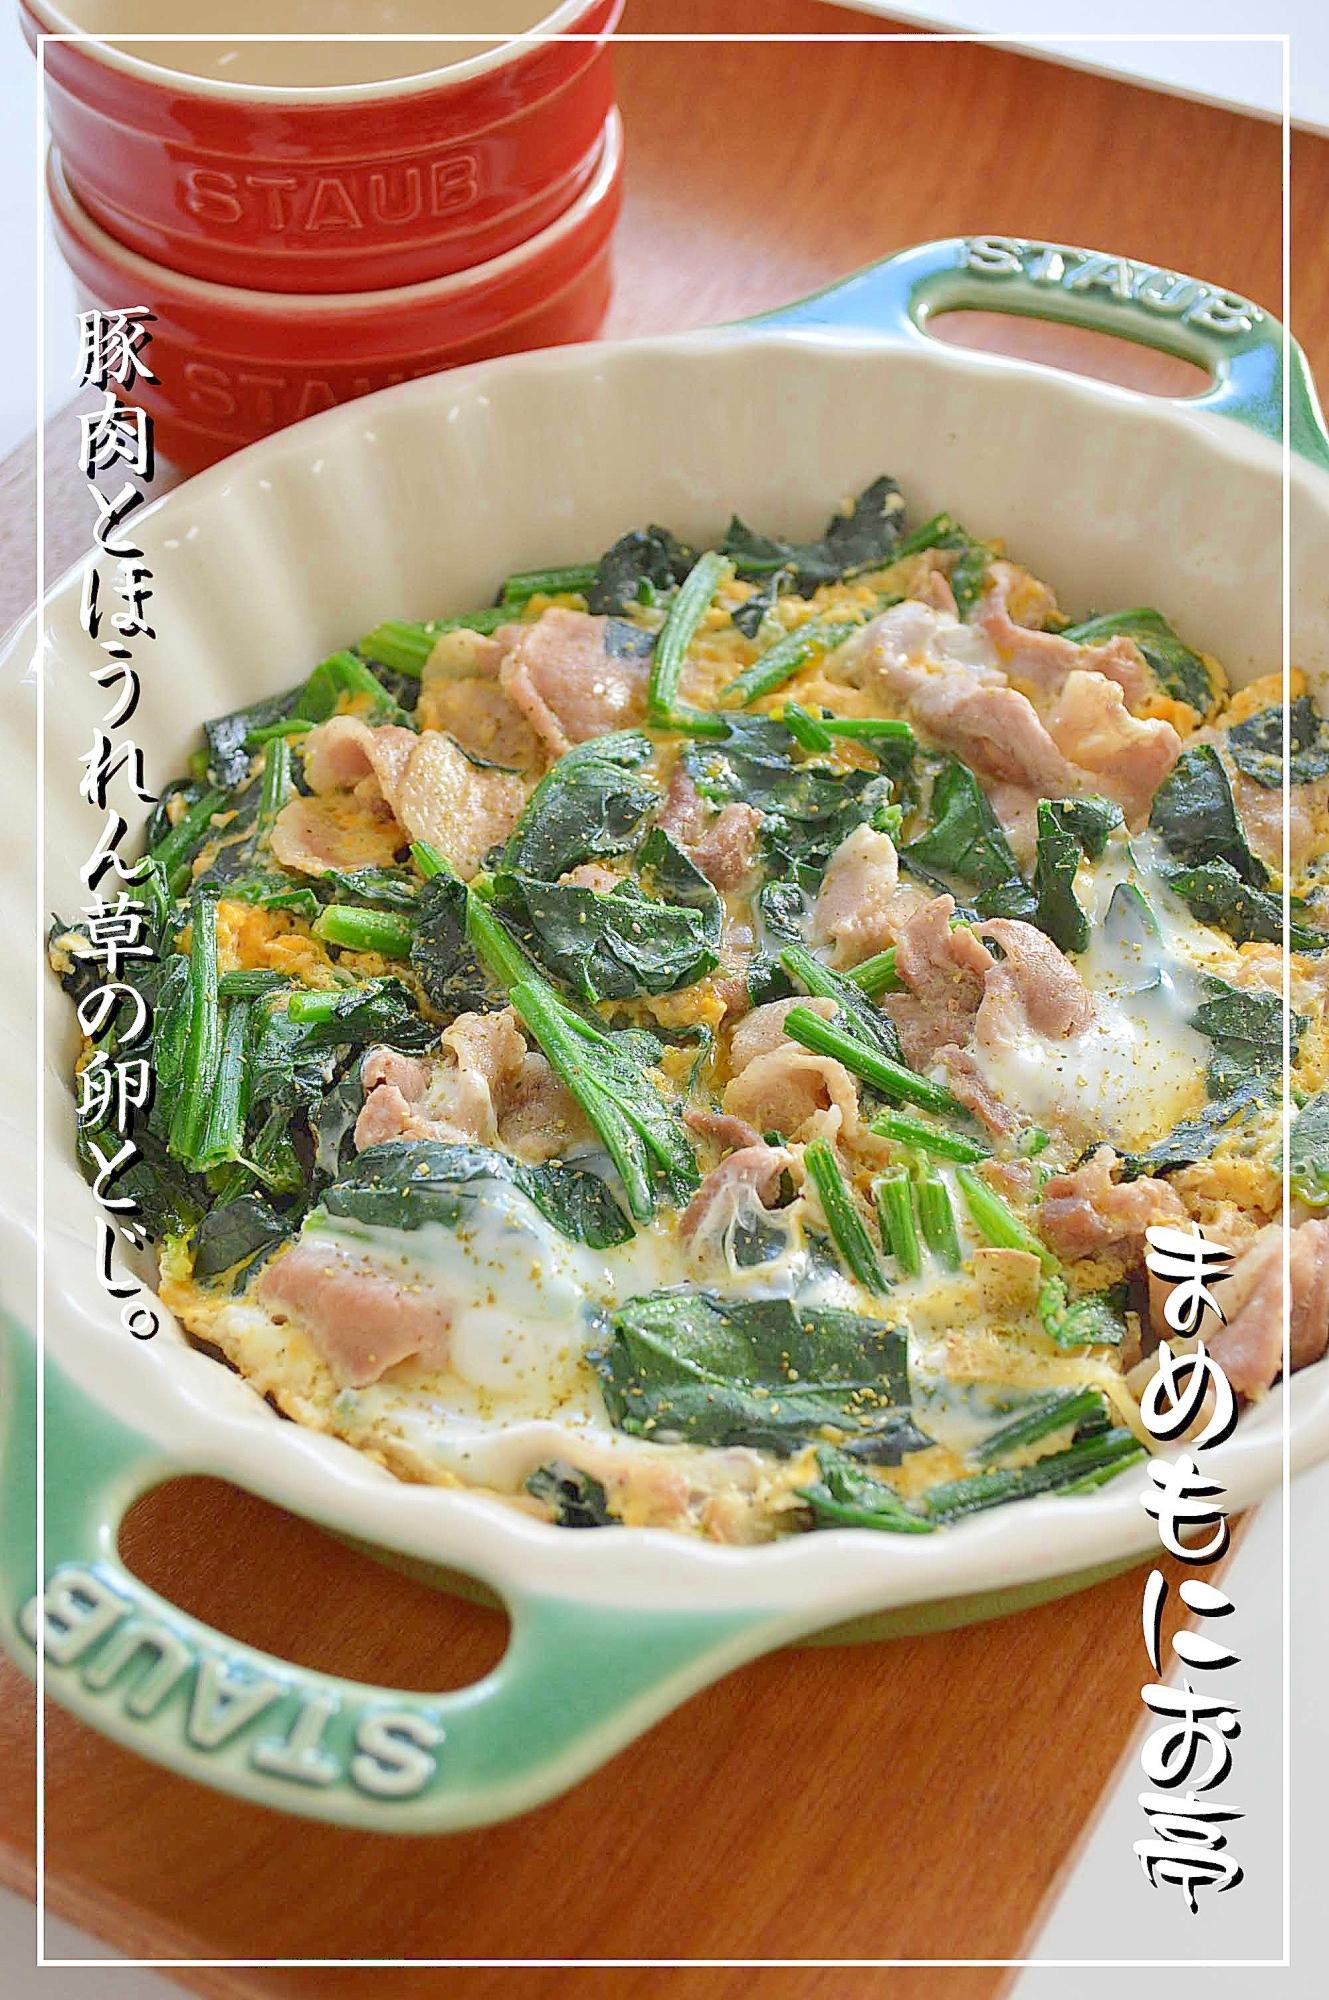 2. ご飯が進む!豚肉とほうれん草の卵とじ